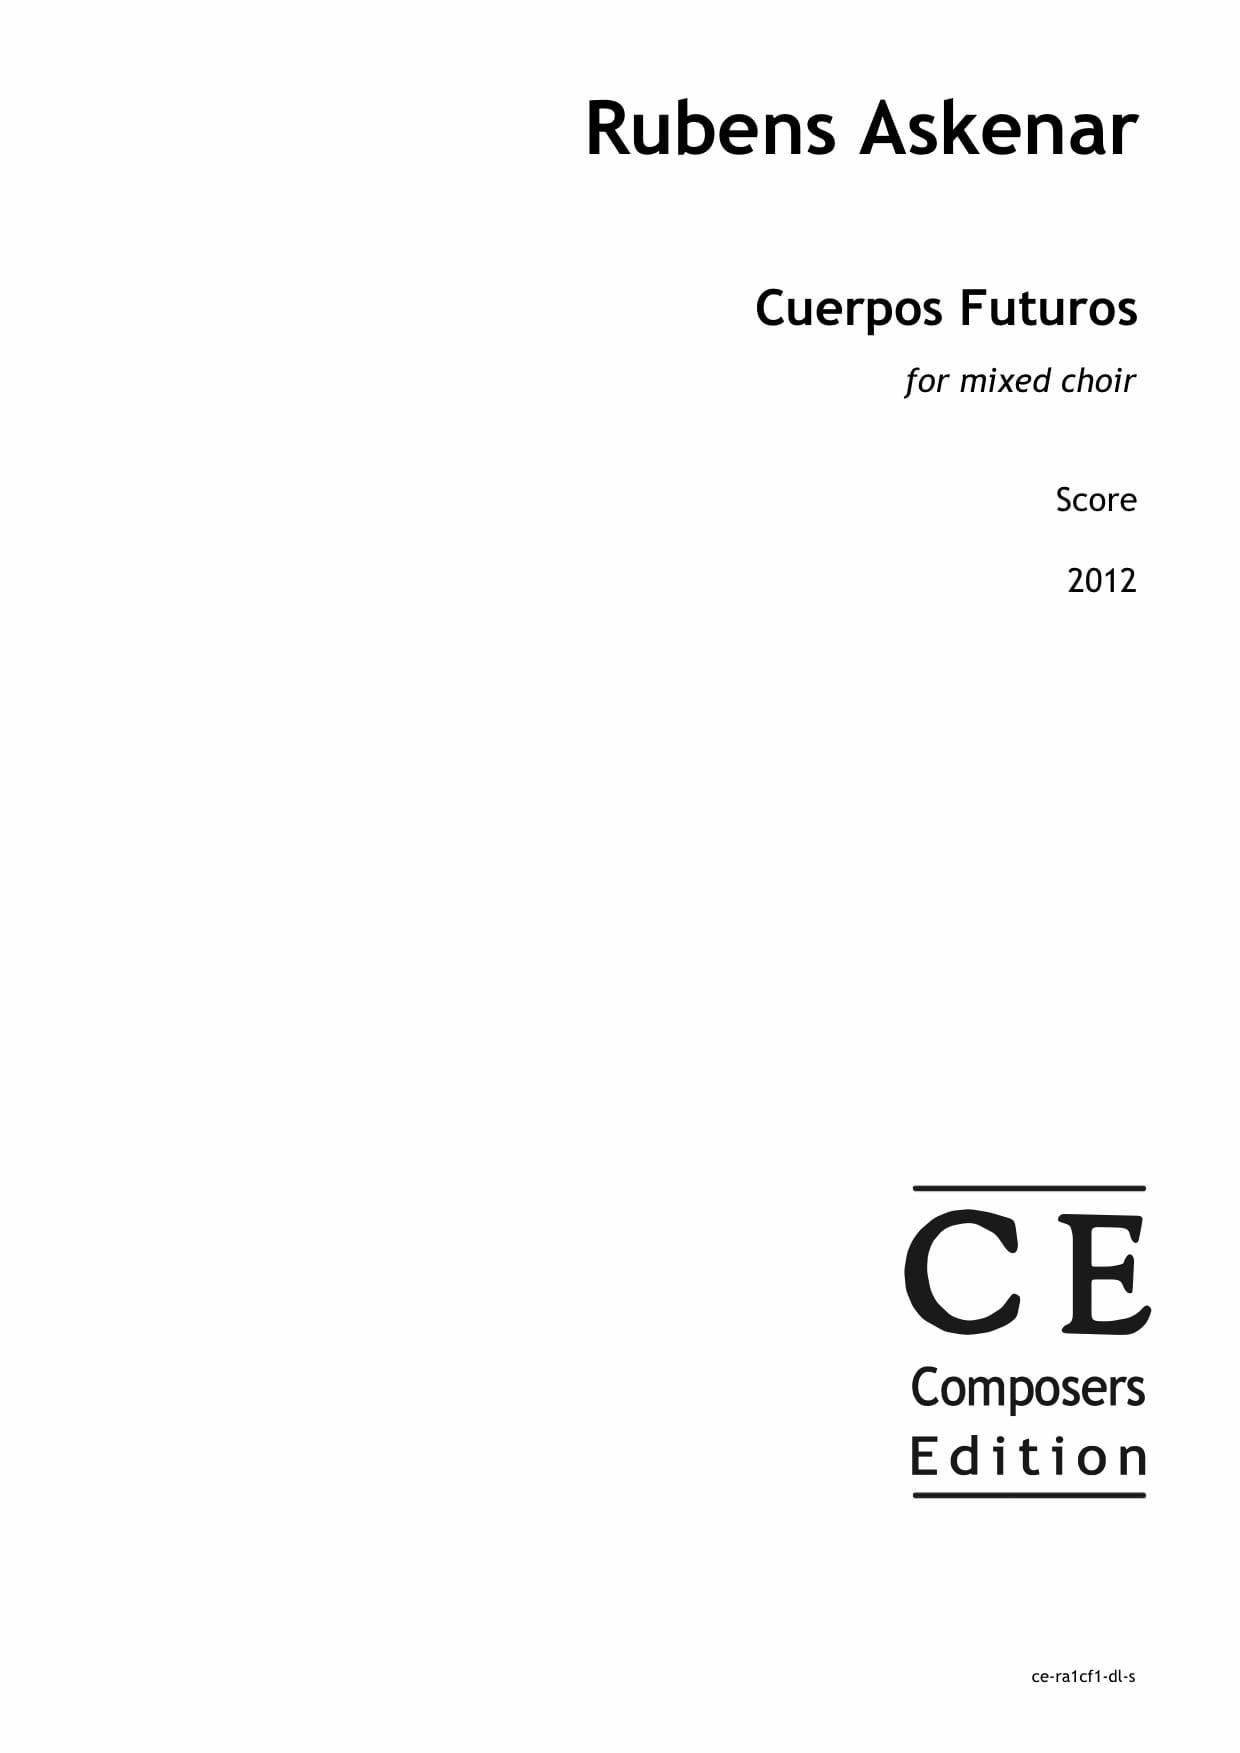 Rubens Askenar: Cuerpos Futuros for mixed choir